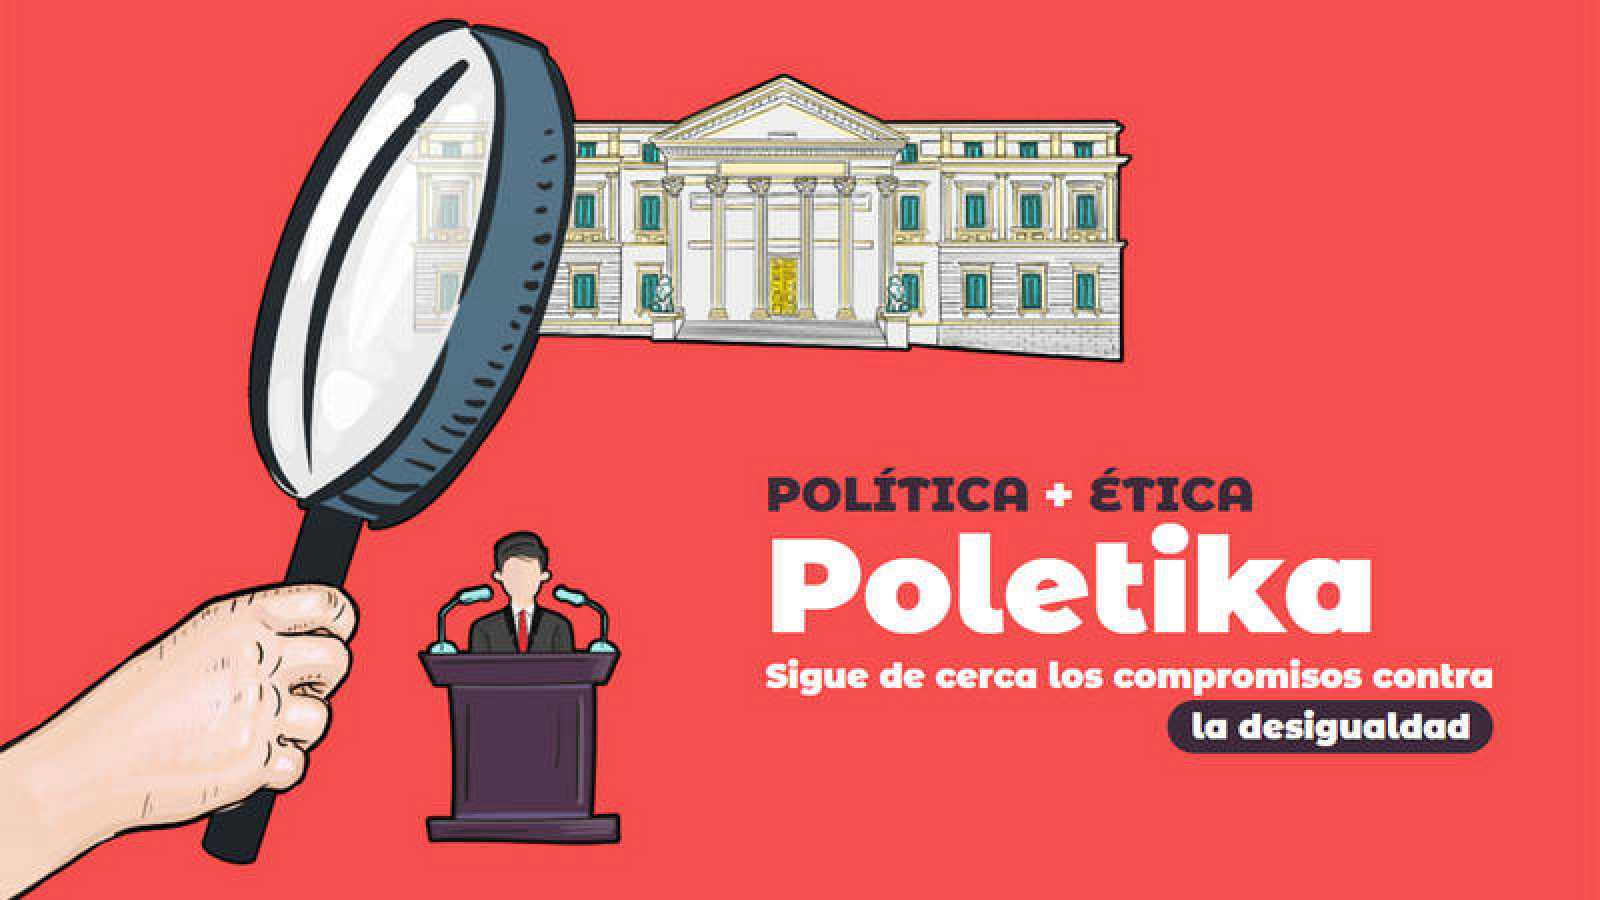 Resultado de imagen de Polétika.